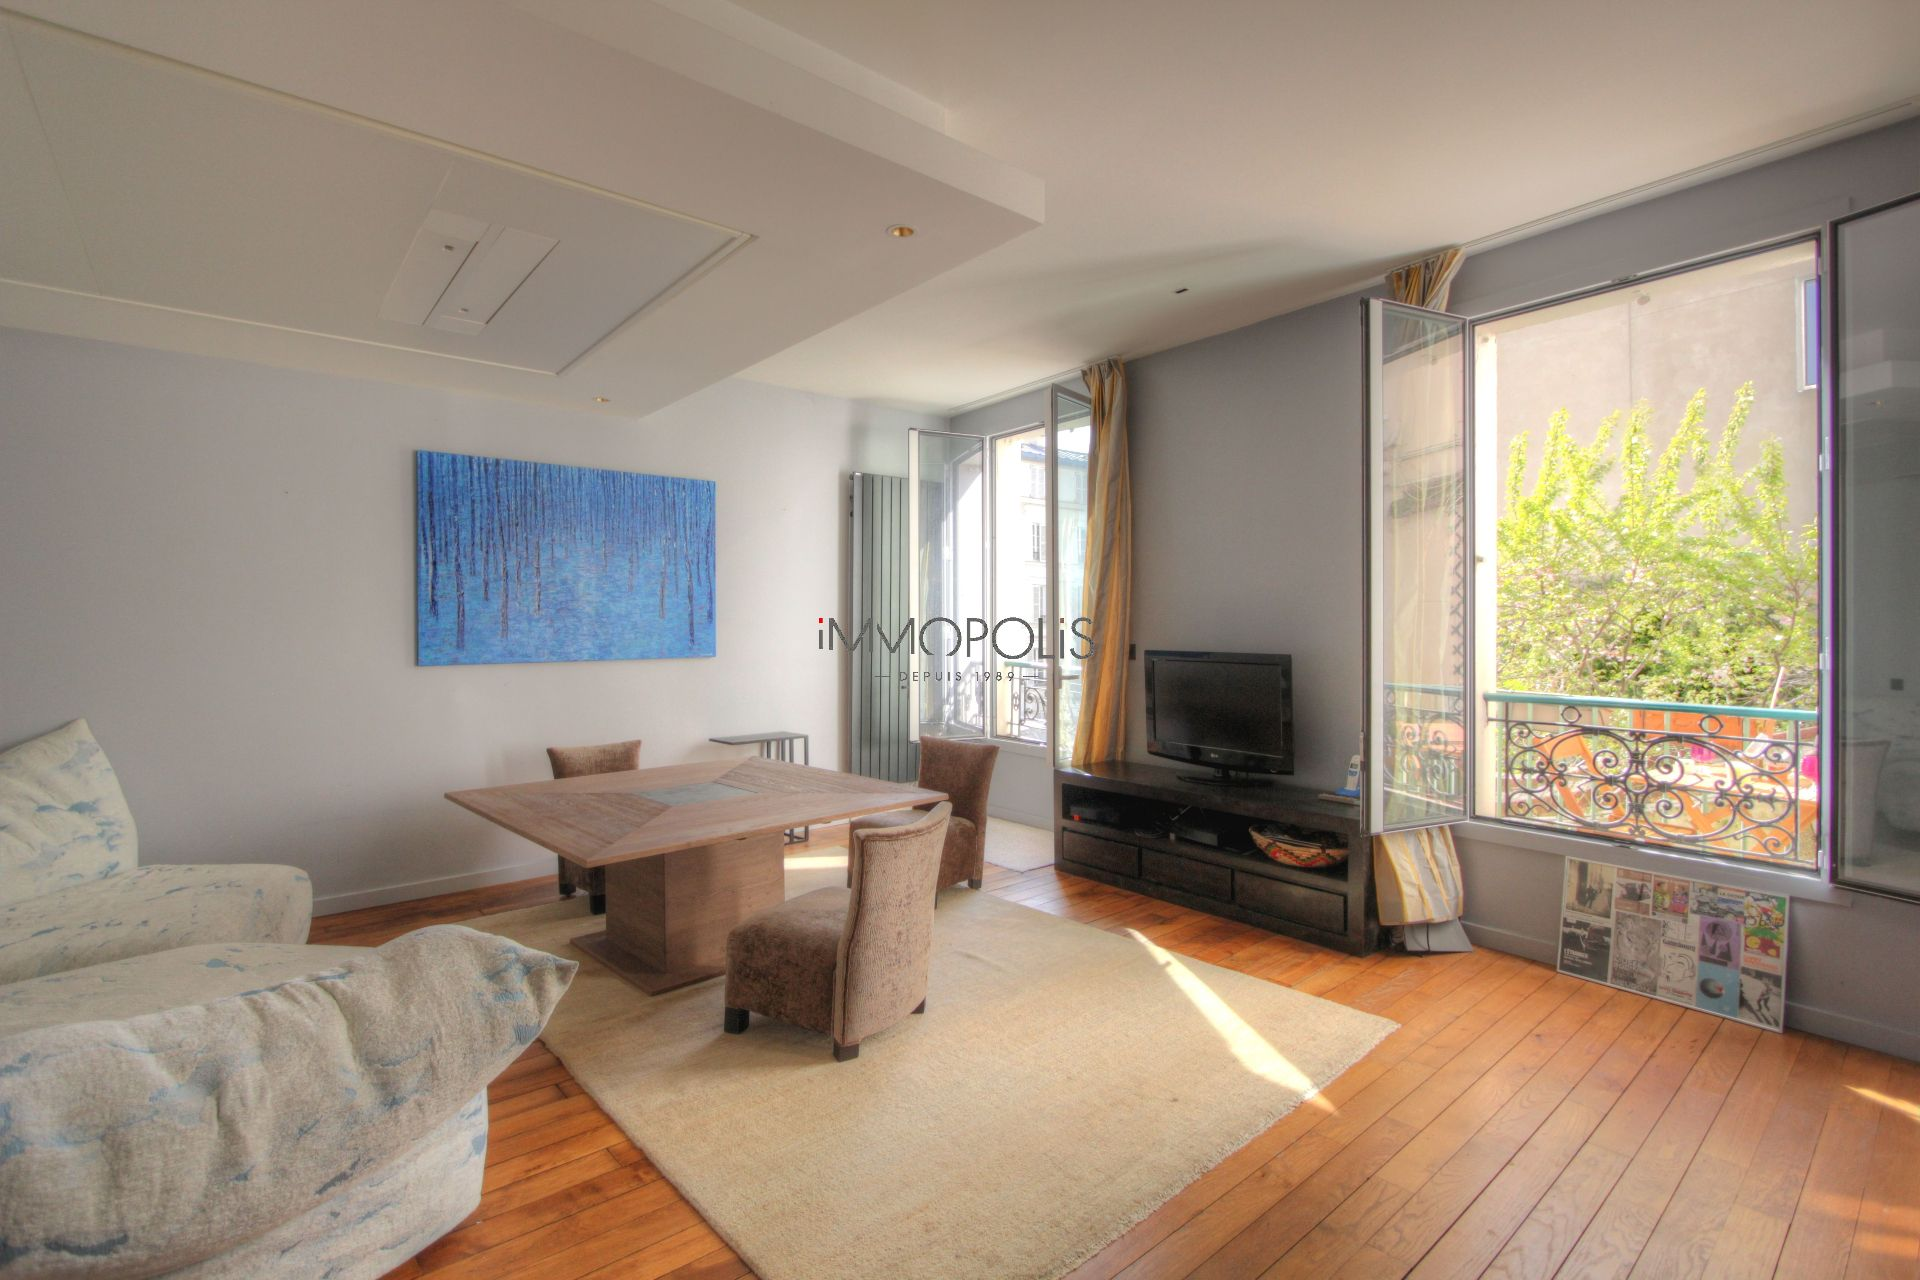 Exceptionnel à Montmartre (rue Gabrielle) : open space refait à neuf, prestations somptueuses, avec balcon et vue dégagée ! 3